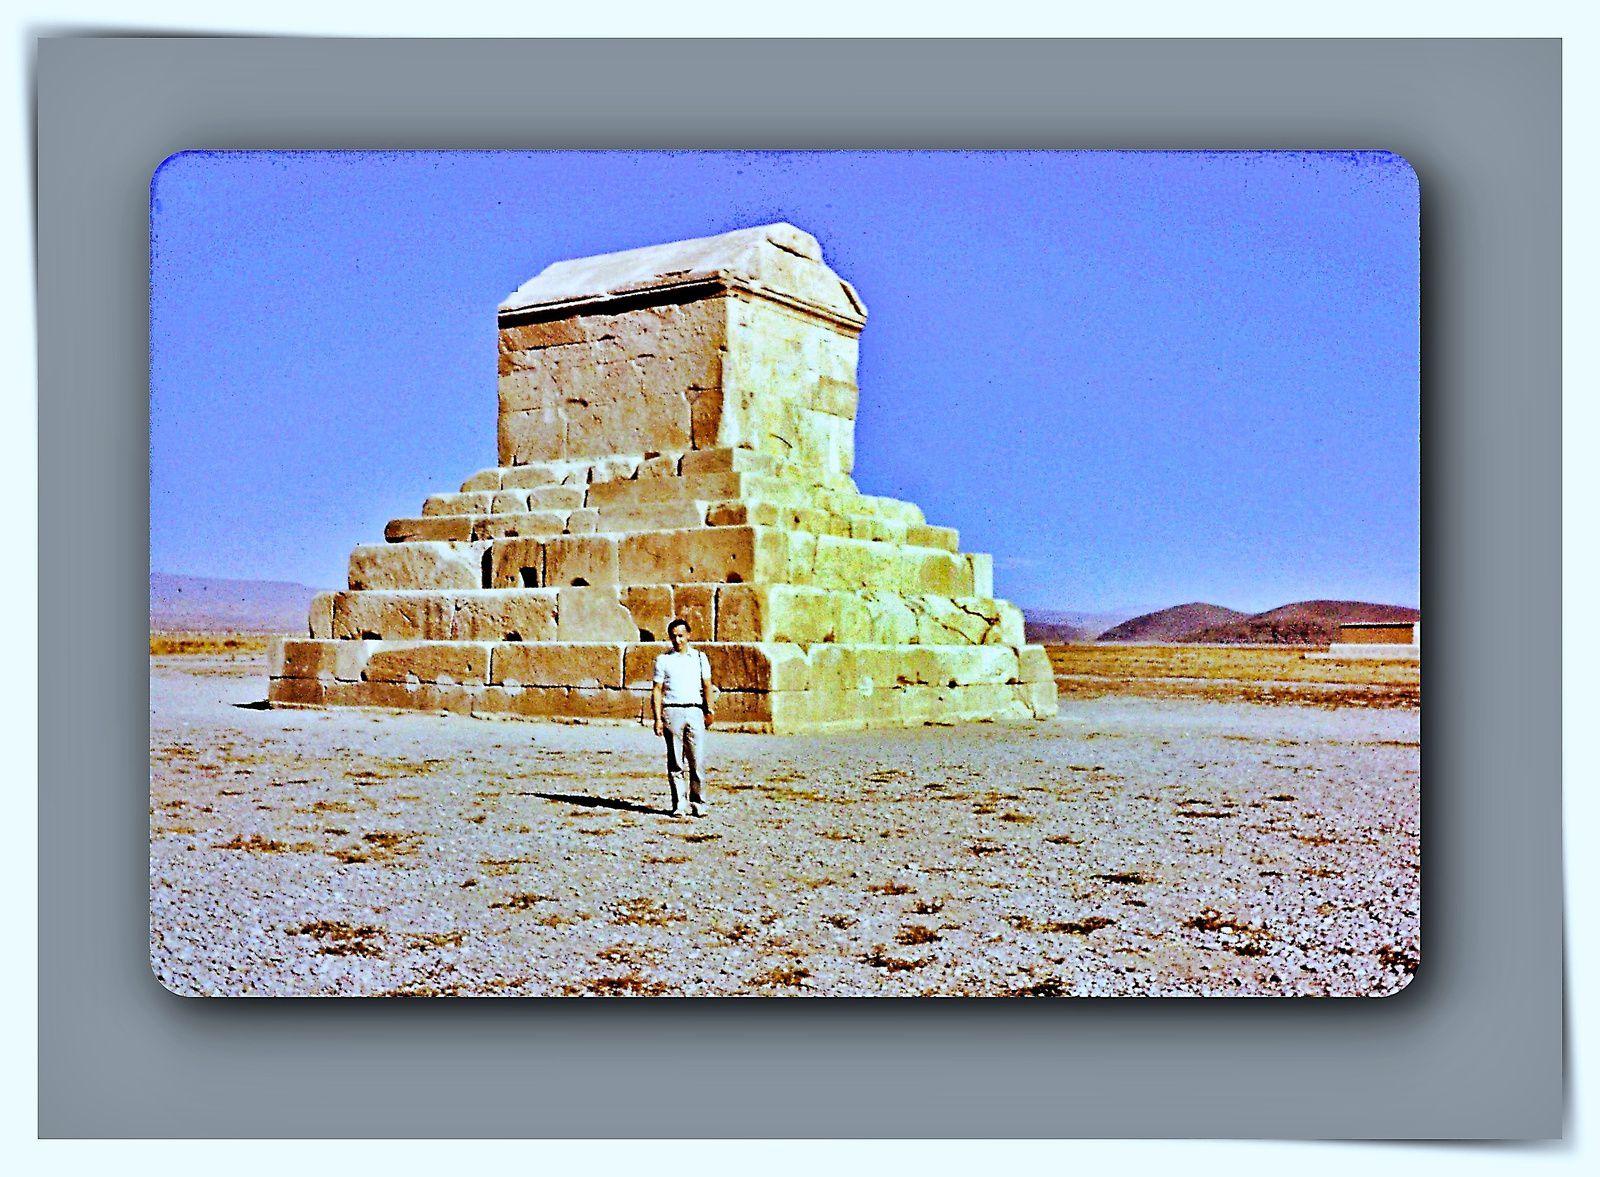 Tombeaux de Cyrus le Grand  et de Darius - #500 ans avant JC